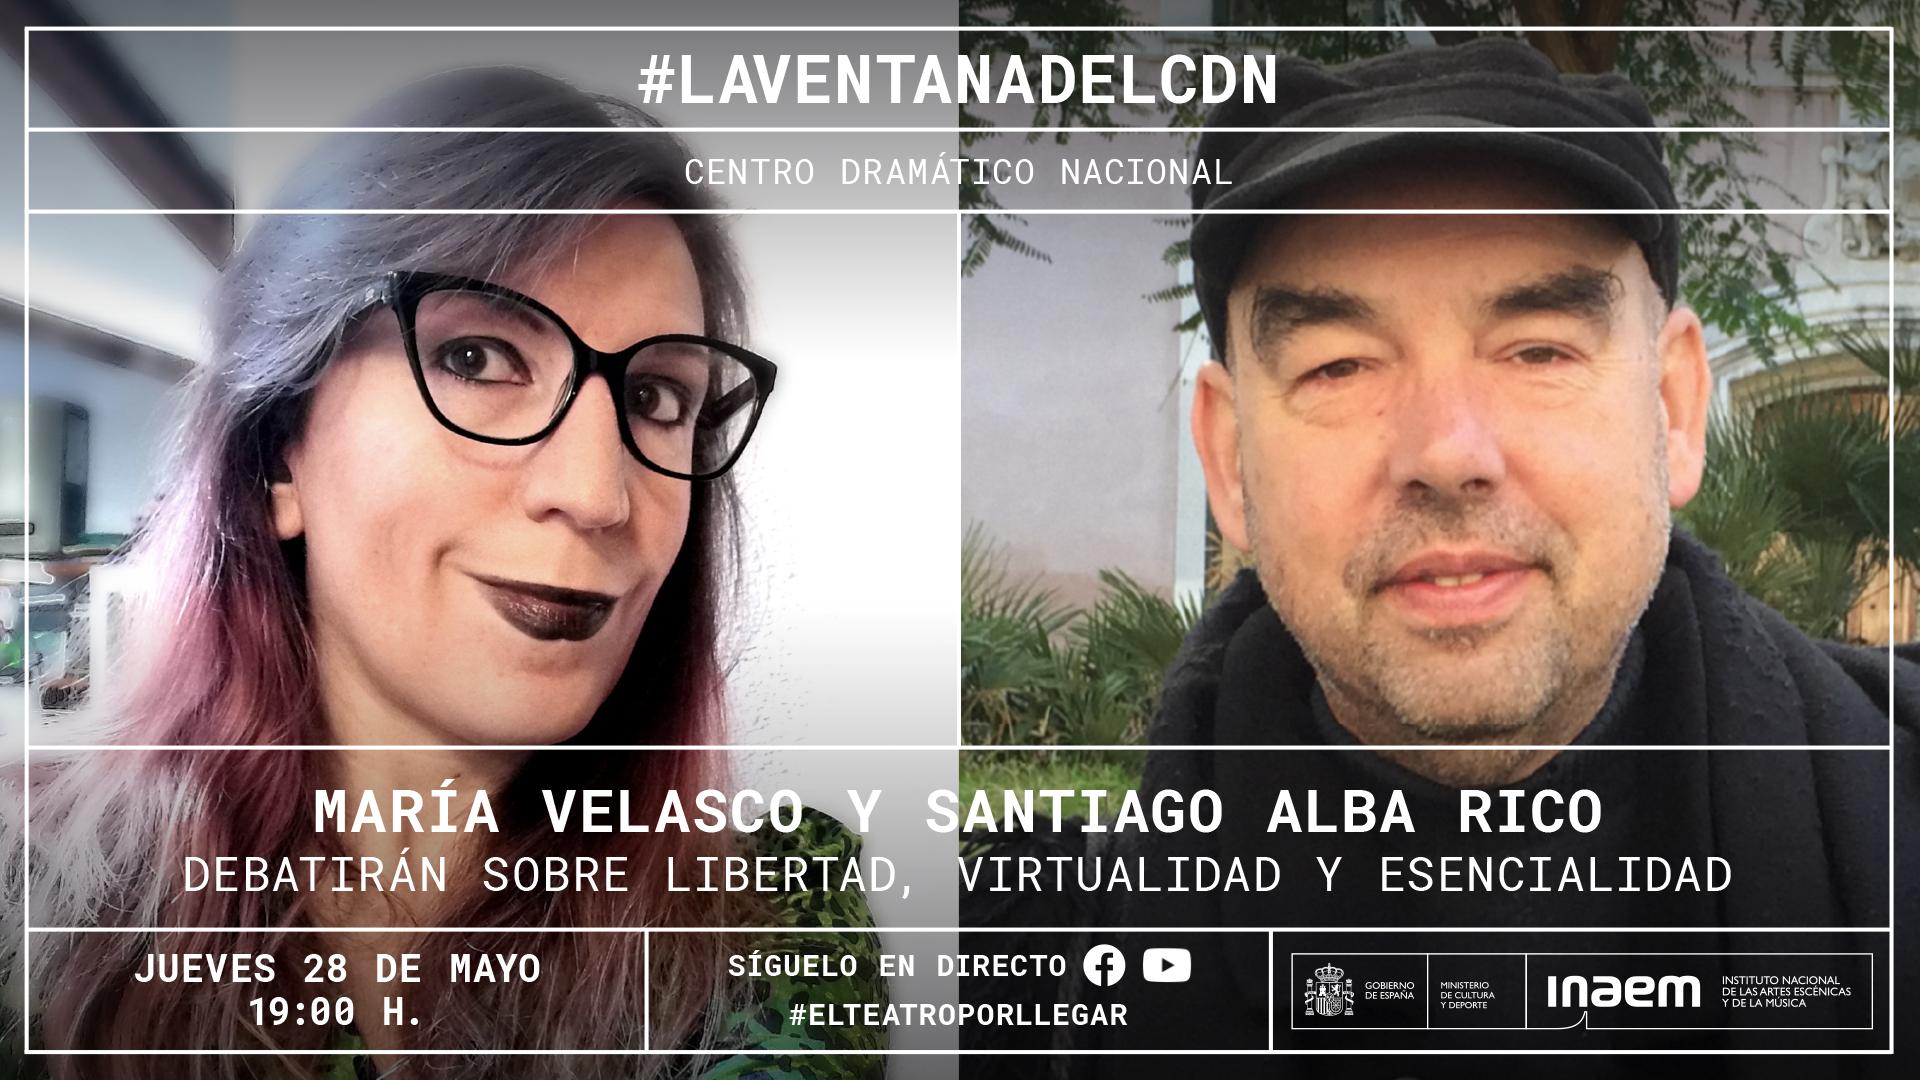 Libertad, virtualidad y esencialidad: debate con Santiago Alba Rico y María Velasco